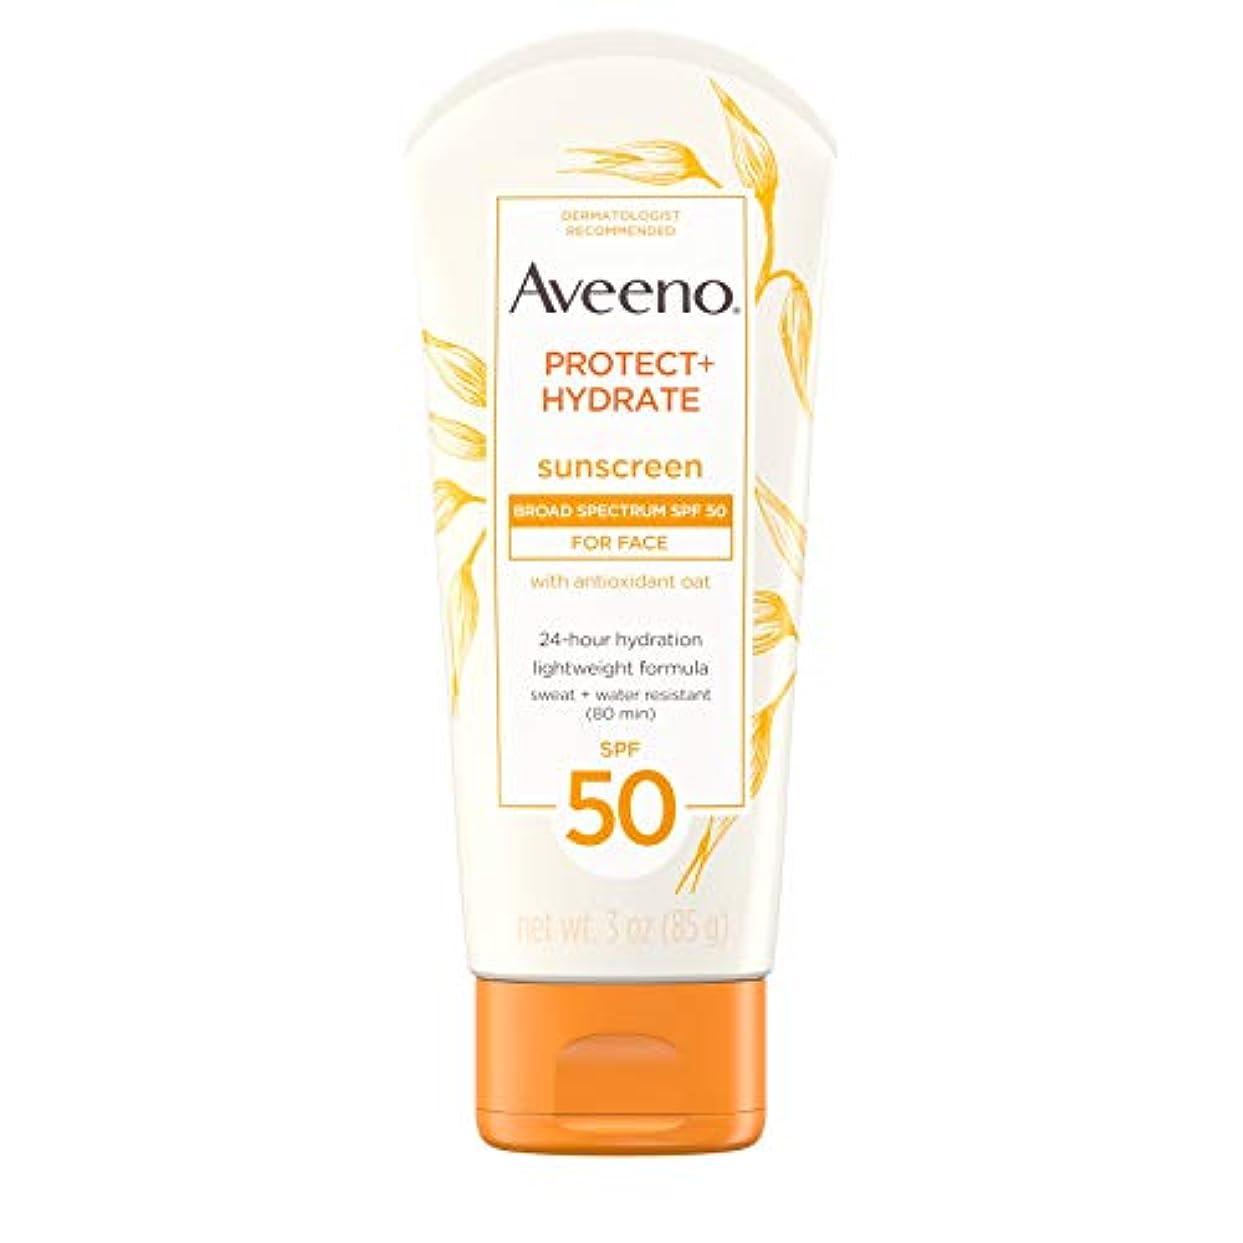 プロフィール実質的に国民Aveeno アビーノ 日焼け止め ローションSPF-50 protect+hydrate Sunscreen Lotion(平行輸入品) 85g (3Oz)